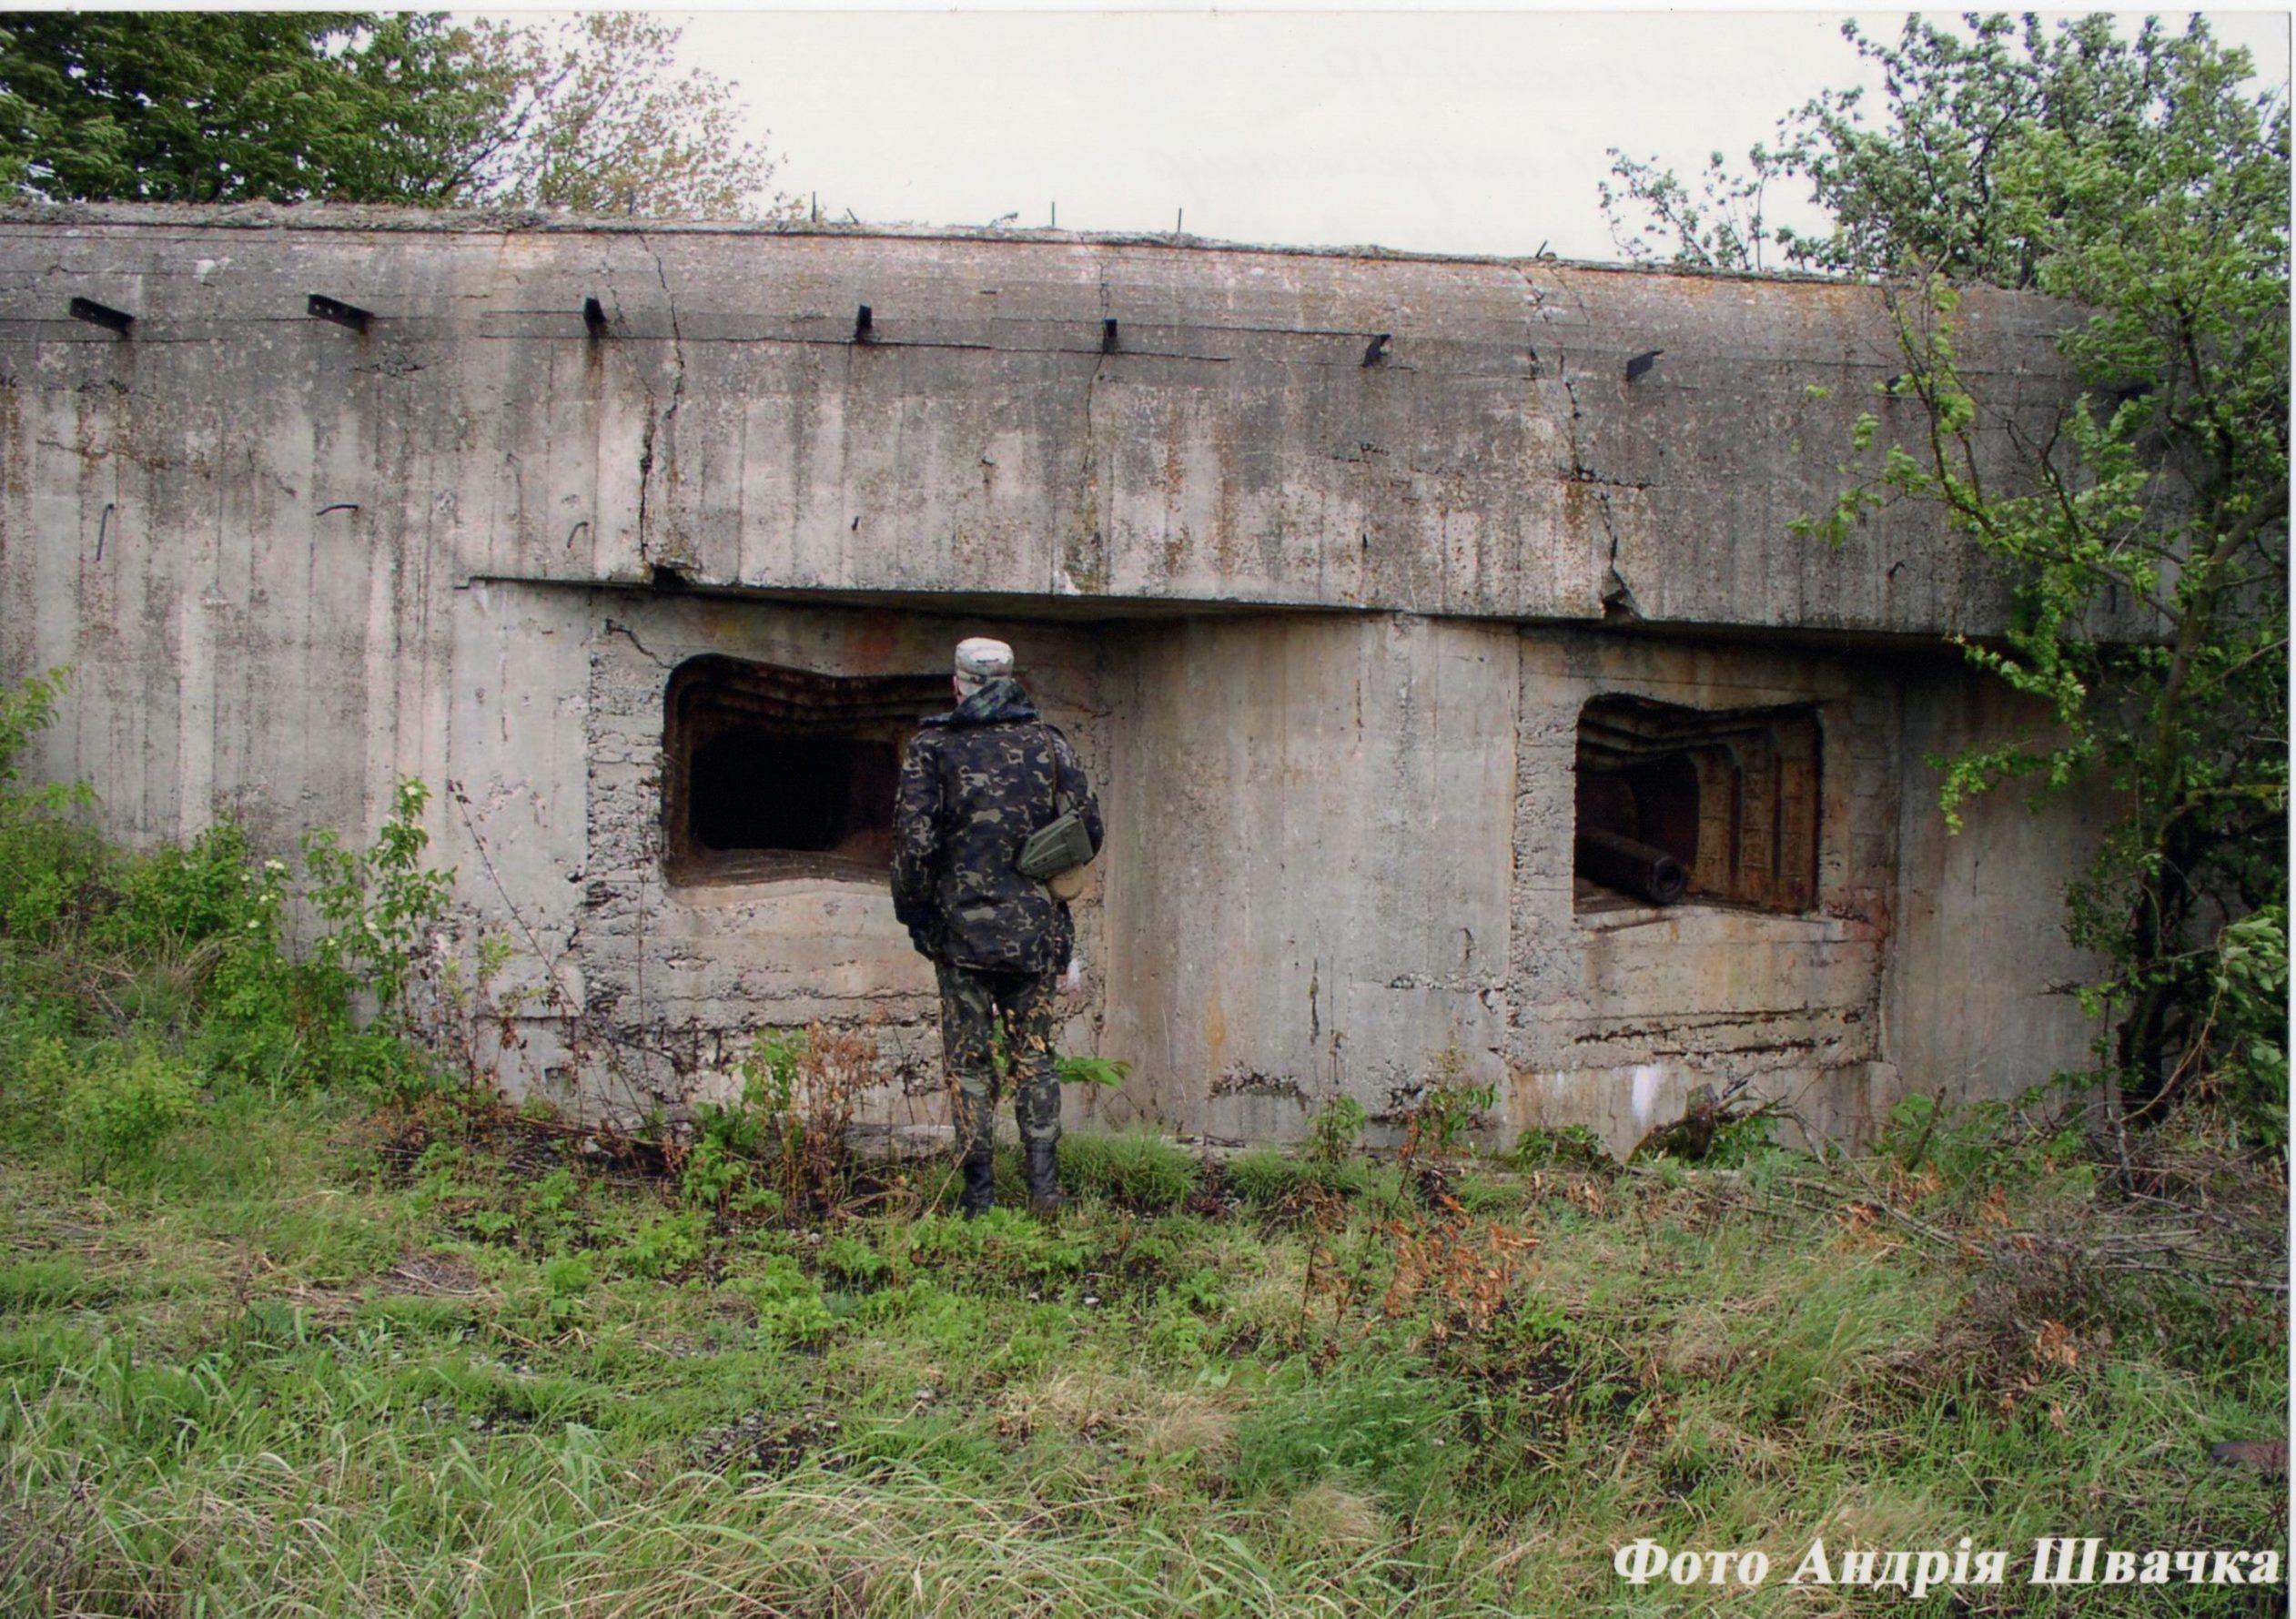 """Фотографія """"Кам'янець-Подільський укріпрайон. Артилерійський напівкапонір для 2-х 76,2 мм гармат Л-17. Хмельницька область"""""""